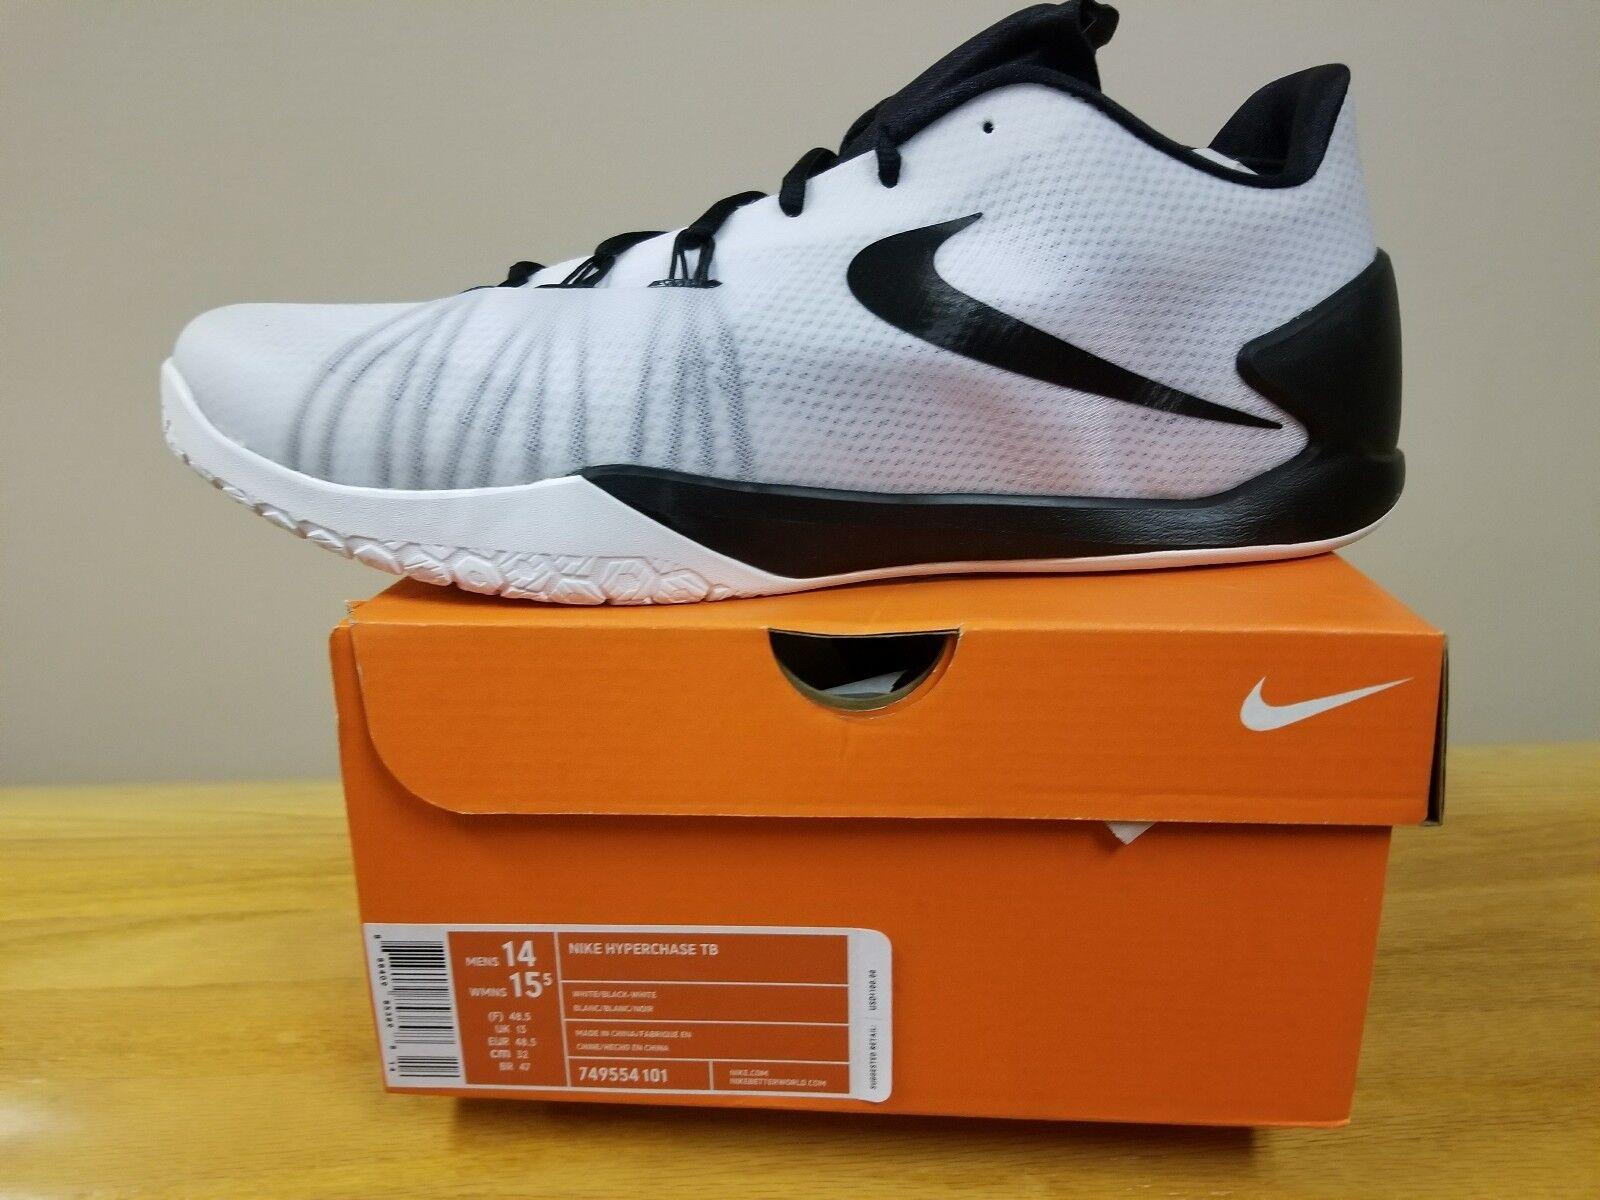 Nike air bo jackson 1 meta '14 scarpe da ginnastica atletica formazione multi - lava uomini 8 hip